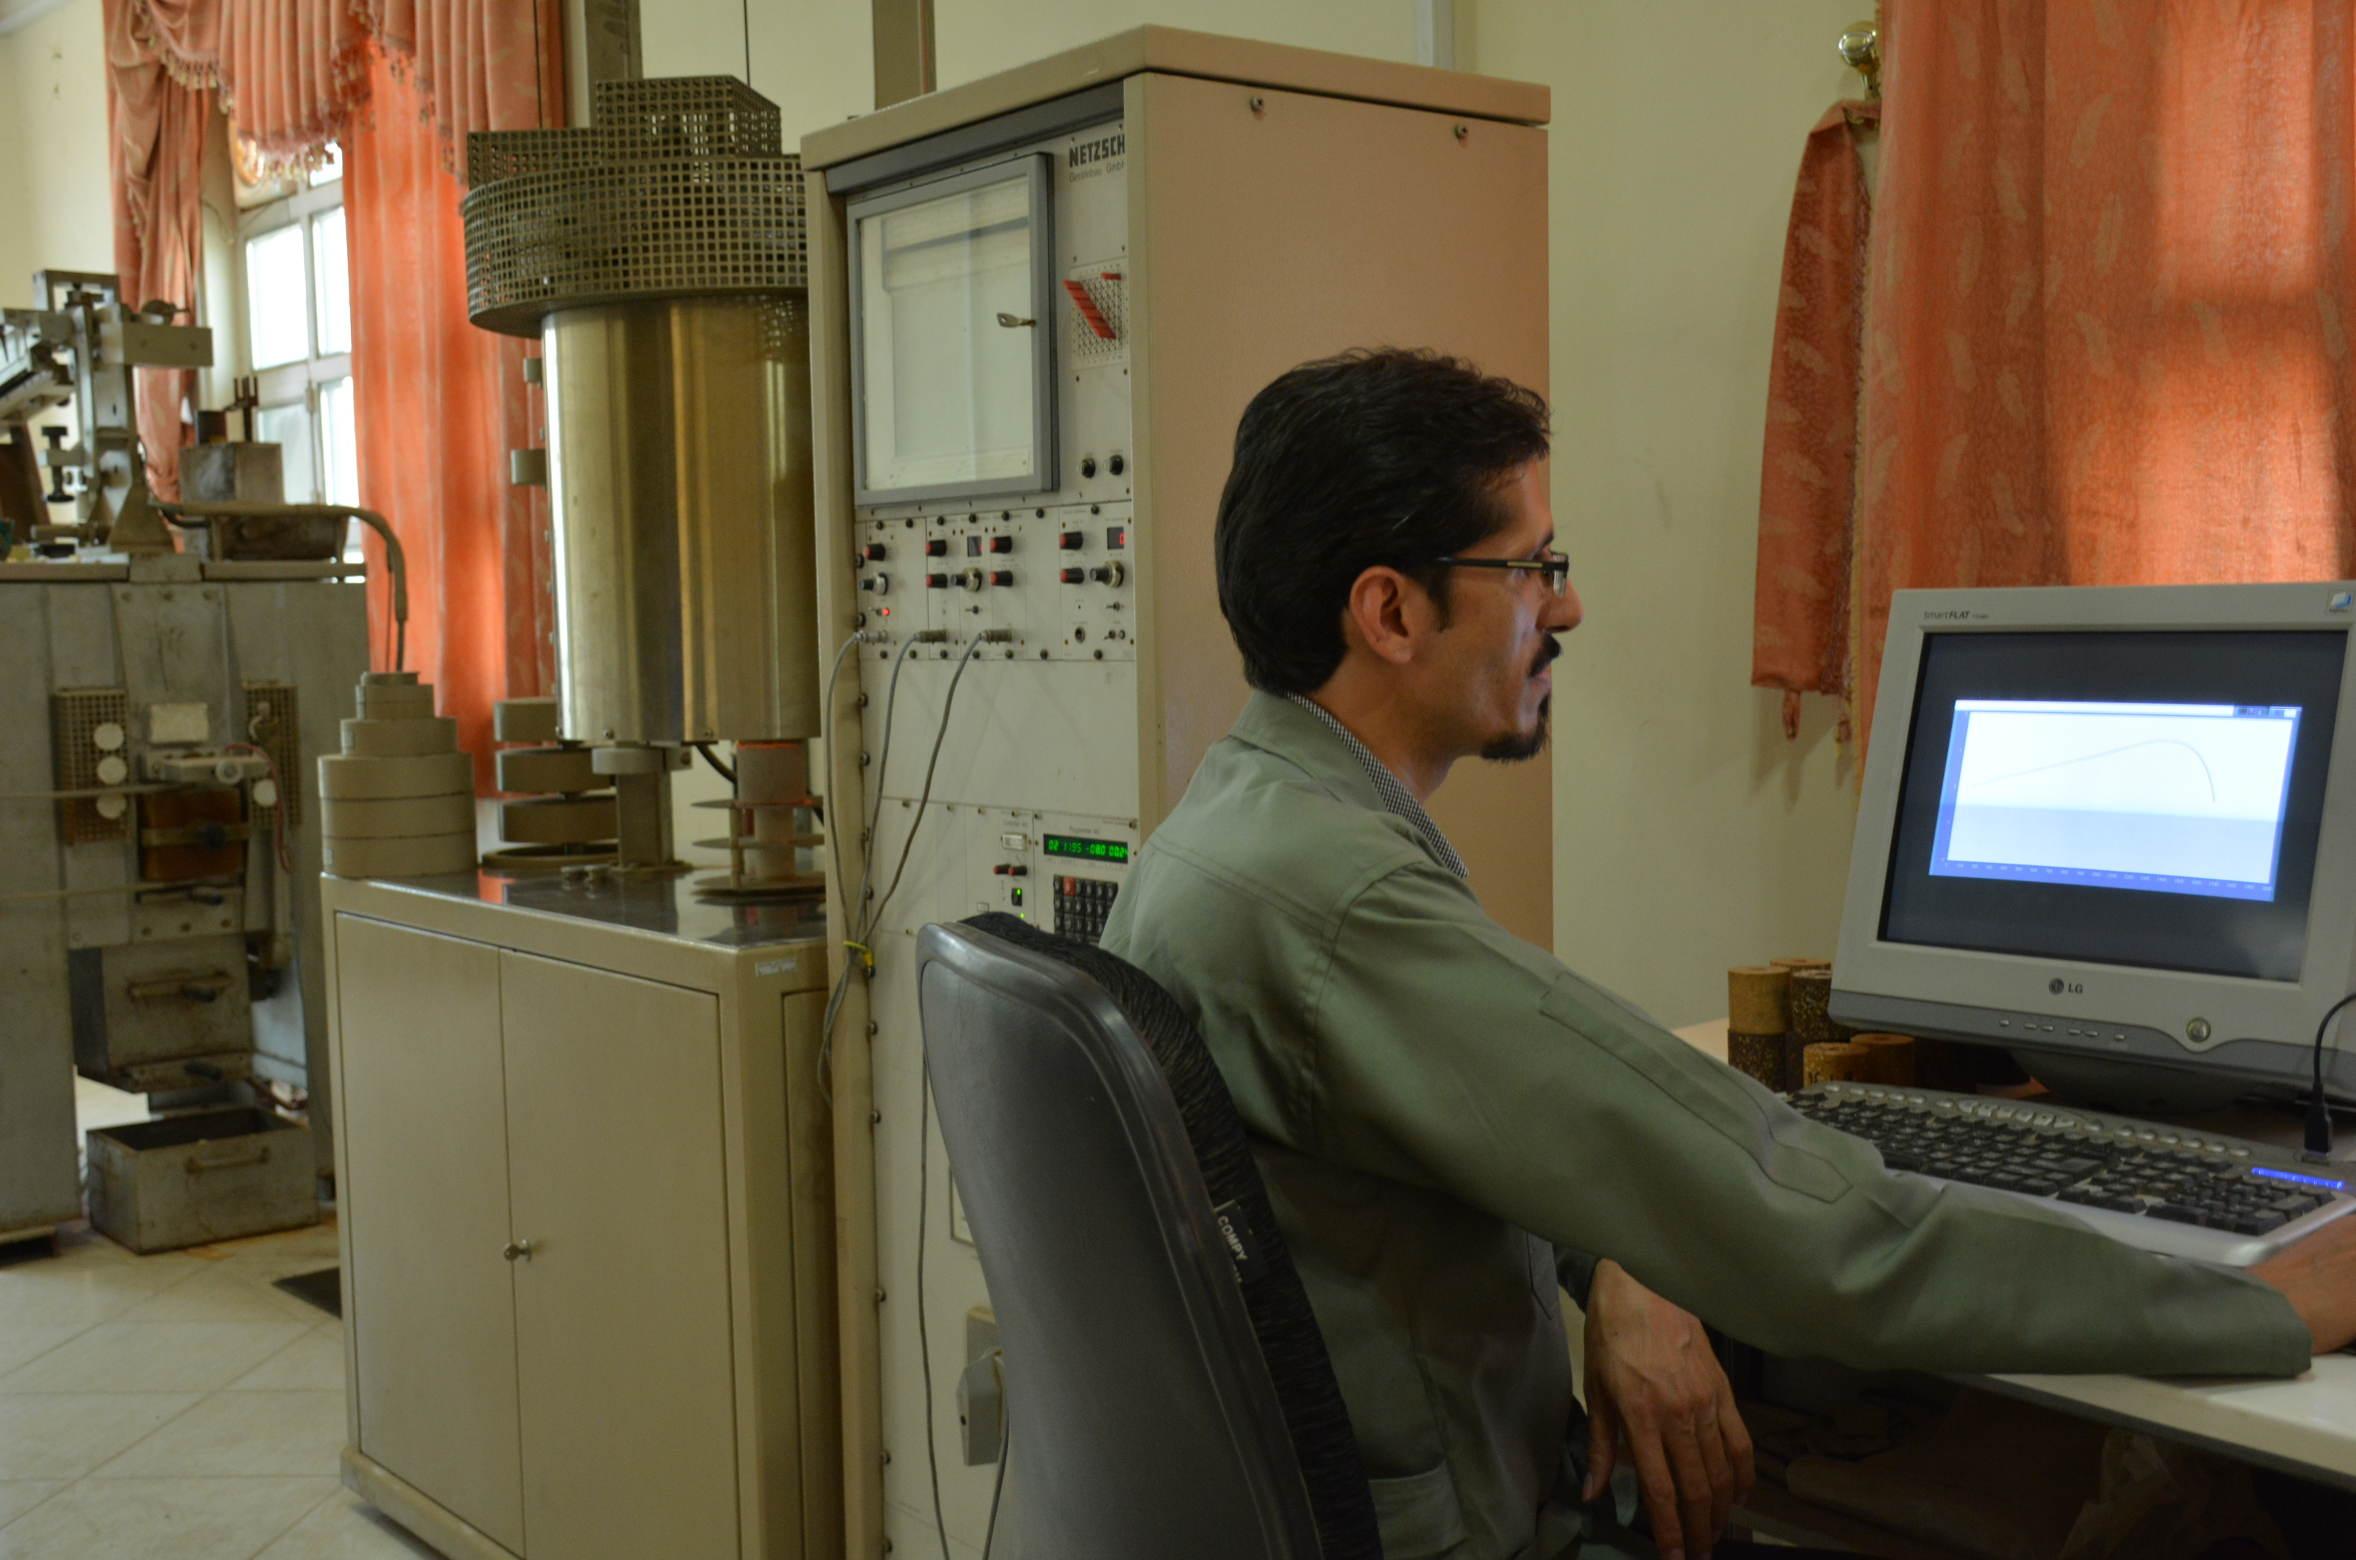 بررسی و تحقیق در رابطه با نسل جدید دیرگدازهای مورد استفاده در لایه کاری واحدهای گاززدایی RH فولادسازی با تاکید بر آجرهای قلیایی ناحیه Snorkel